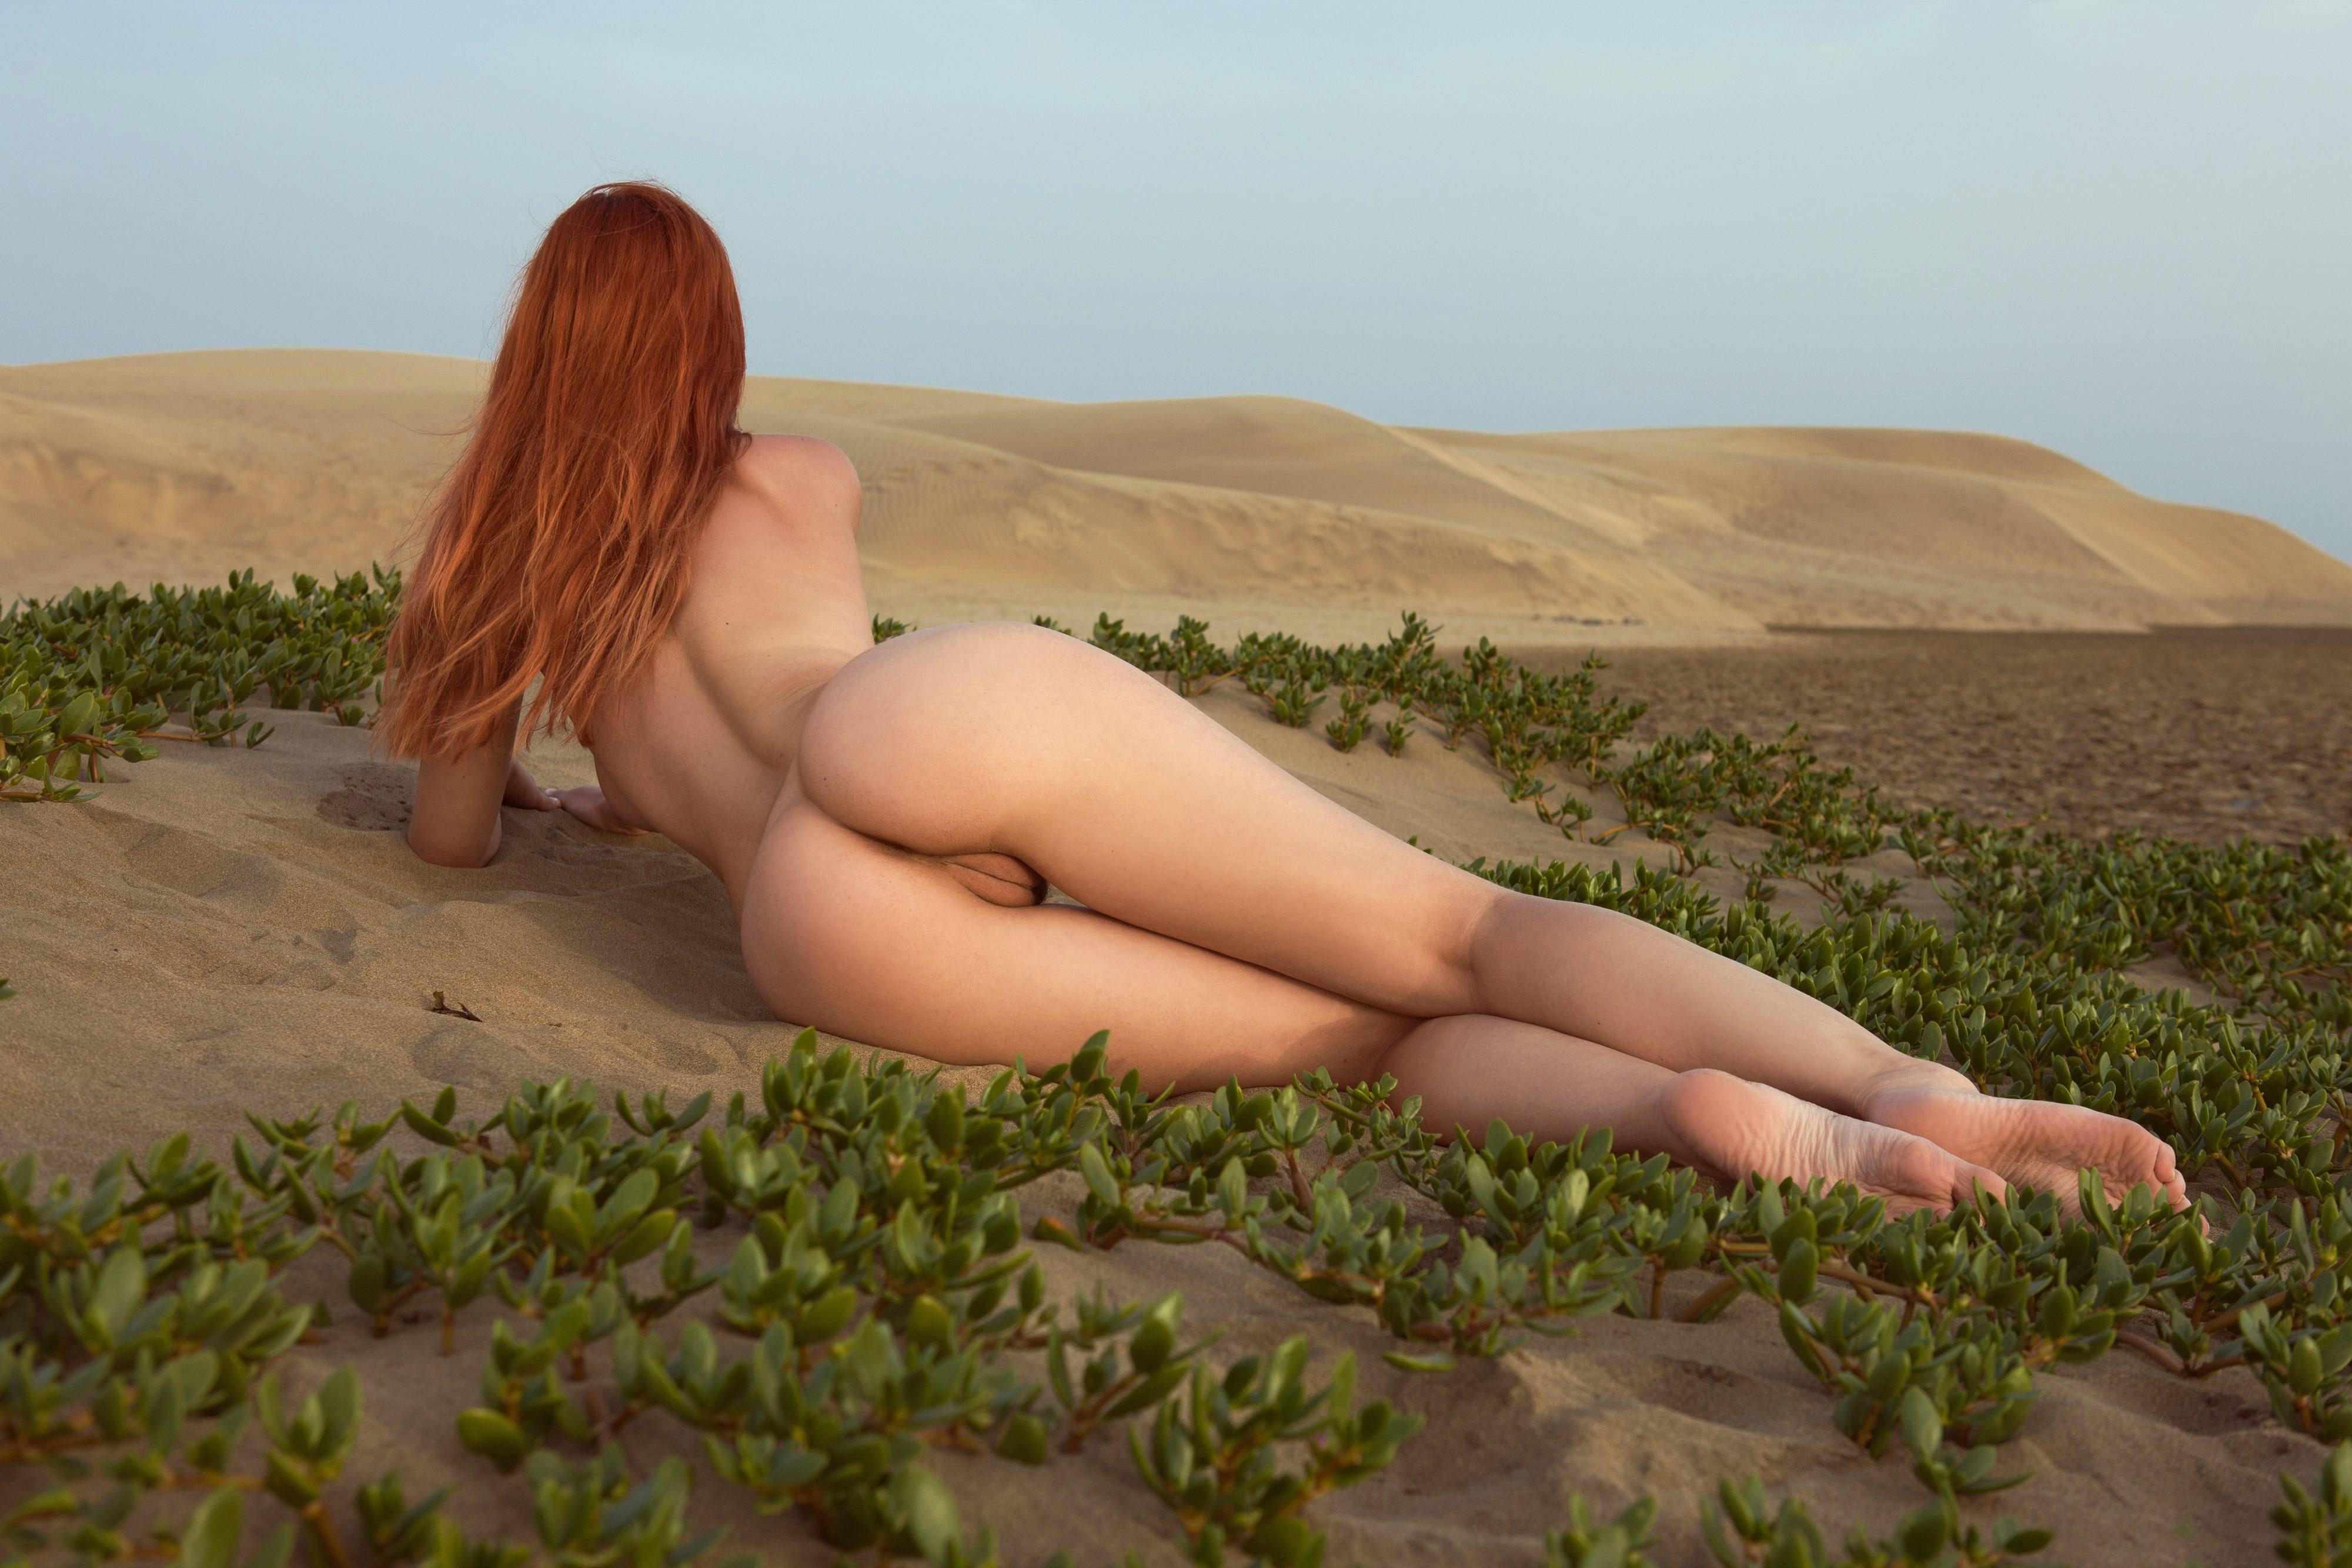 Смотреть голые попки онлайн бесплатно в хорошем качестве 24 фотография